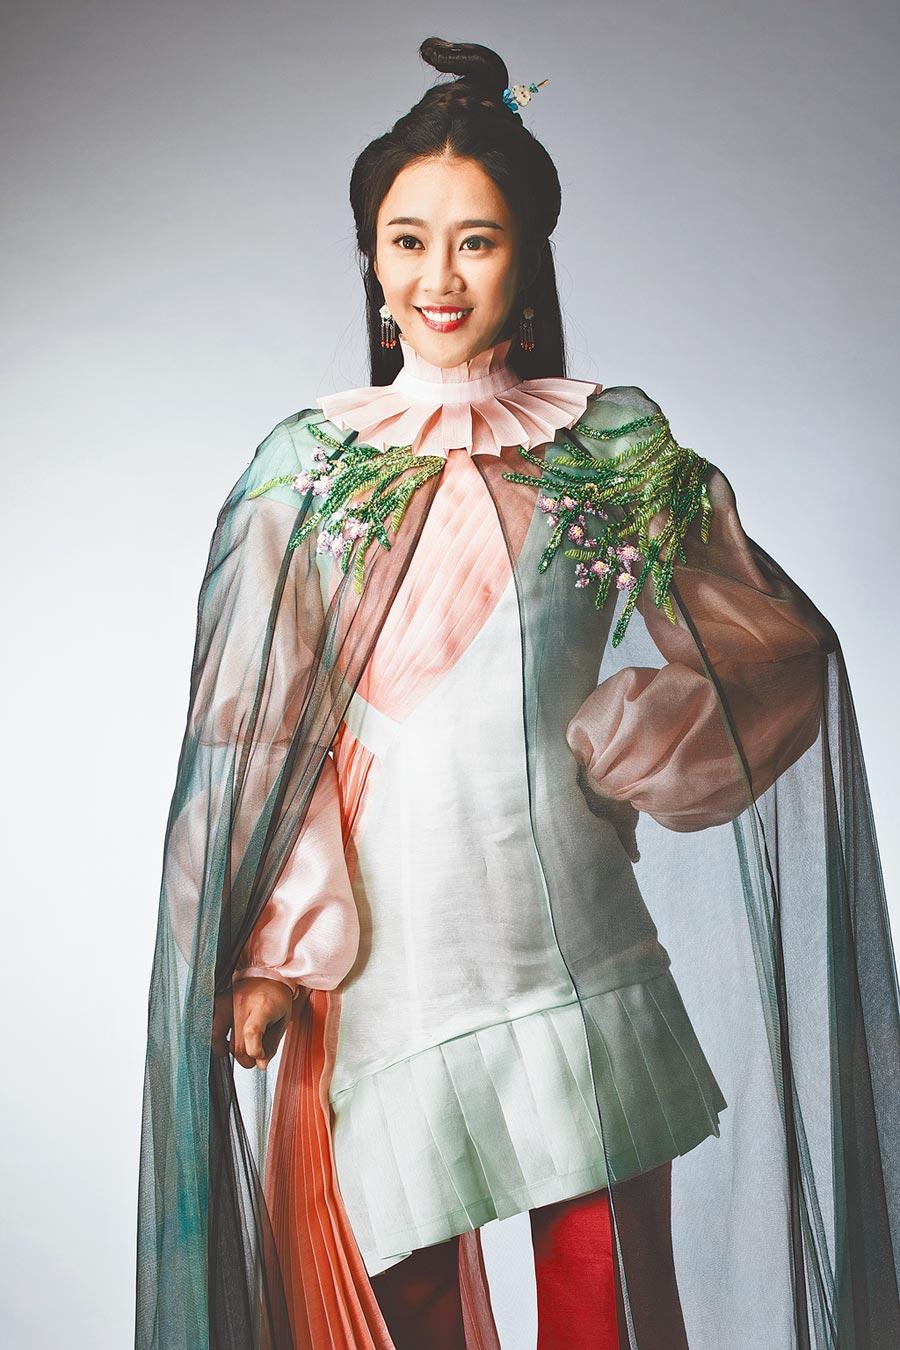 方宥心在《孟婆客棧》古裝扮相驚艷。(民視提供)